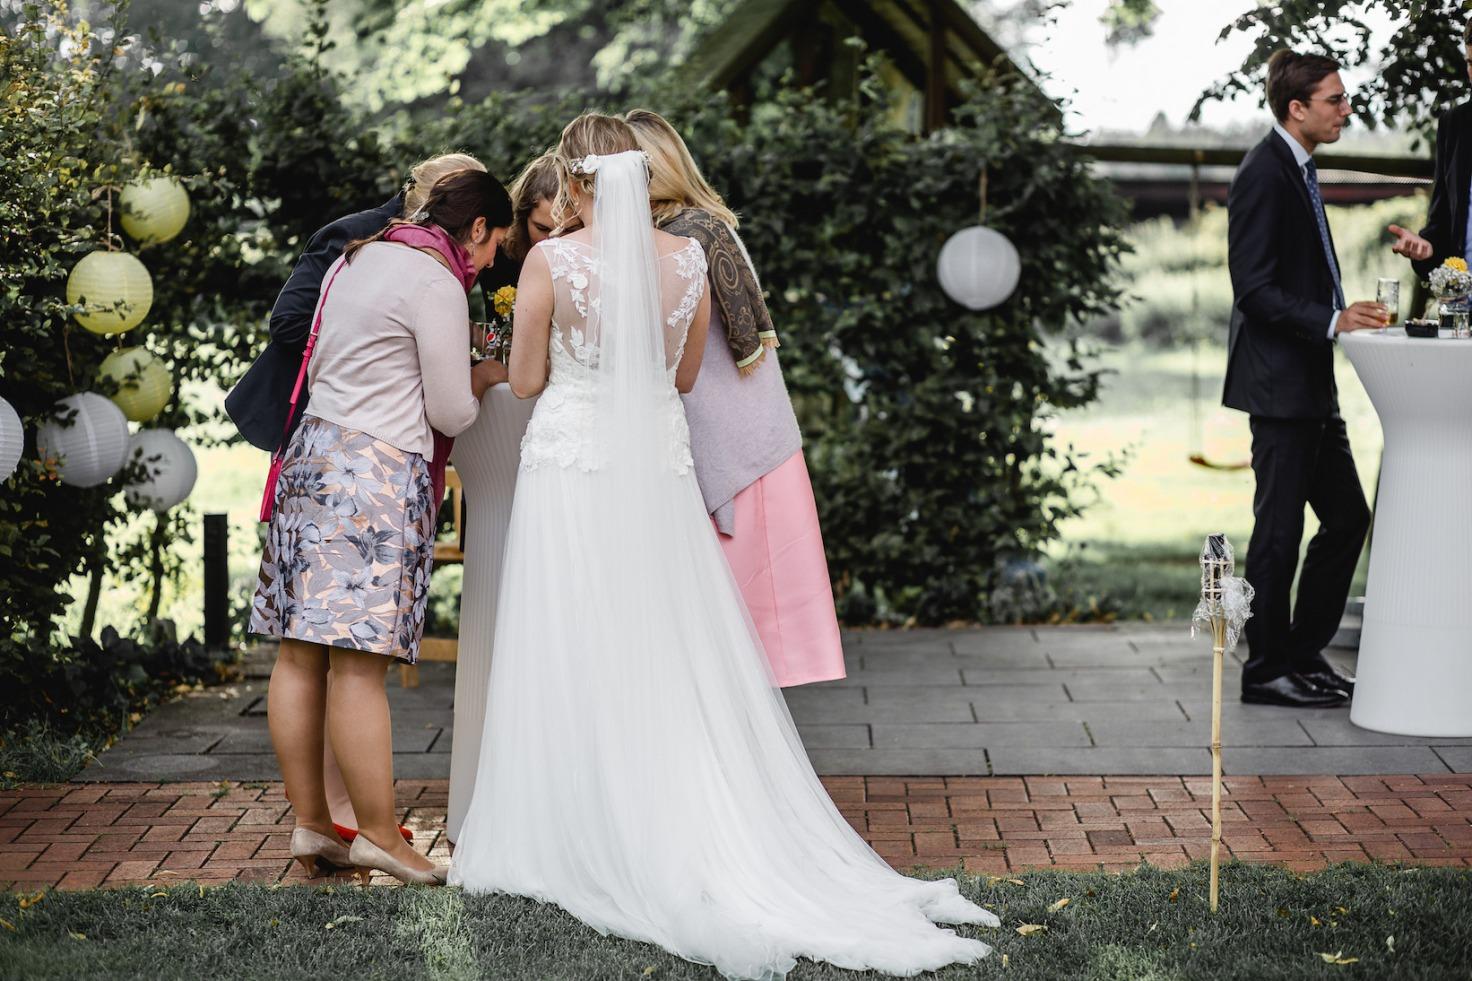 Hochzeit von Laura und Marco in Münster: Braut von hinten mit ihren Gästen